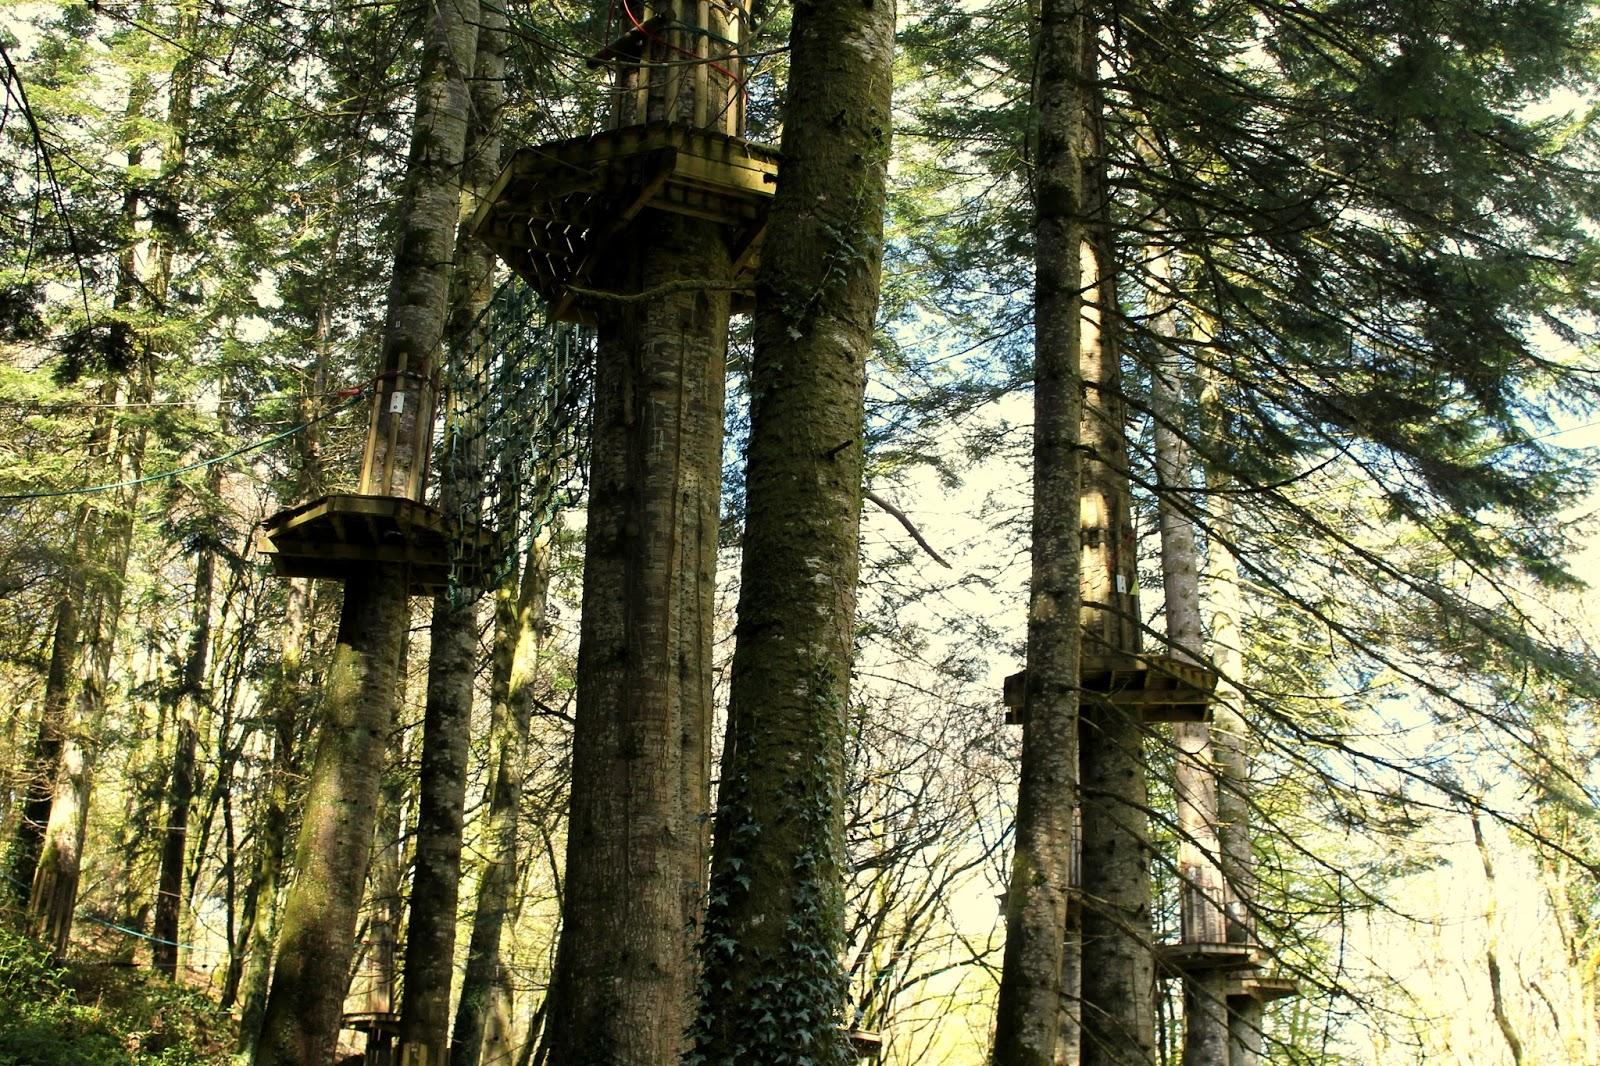 bluestone wales tree top activities